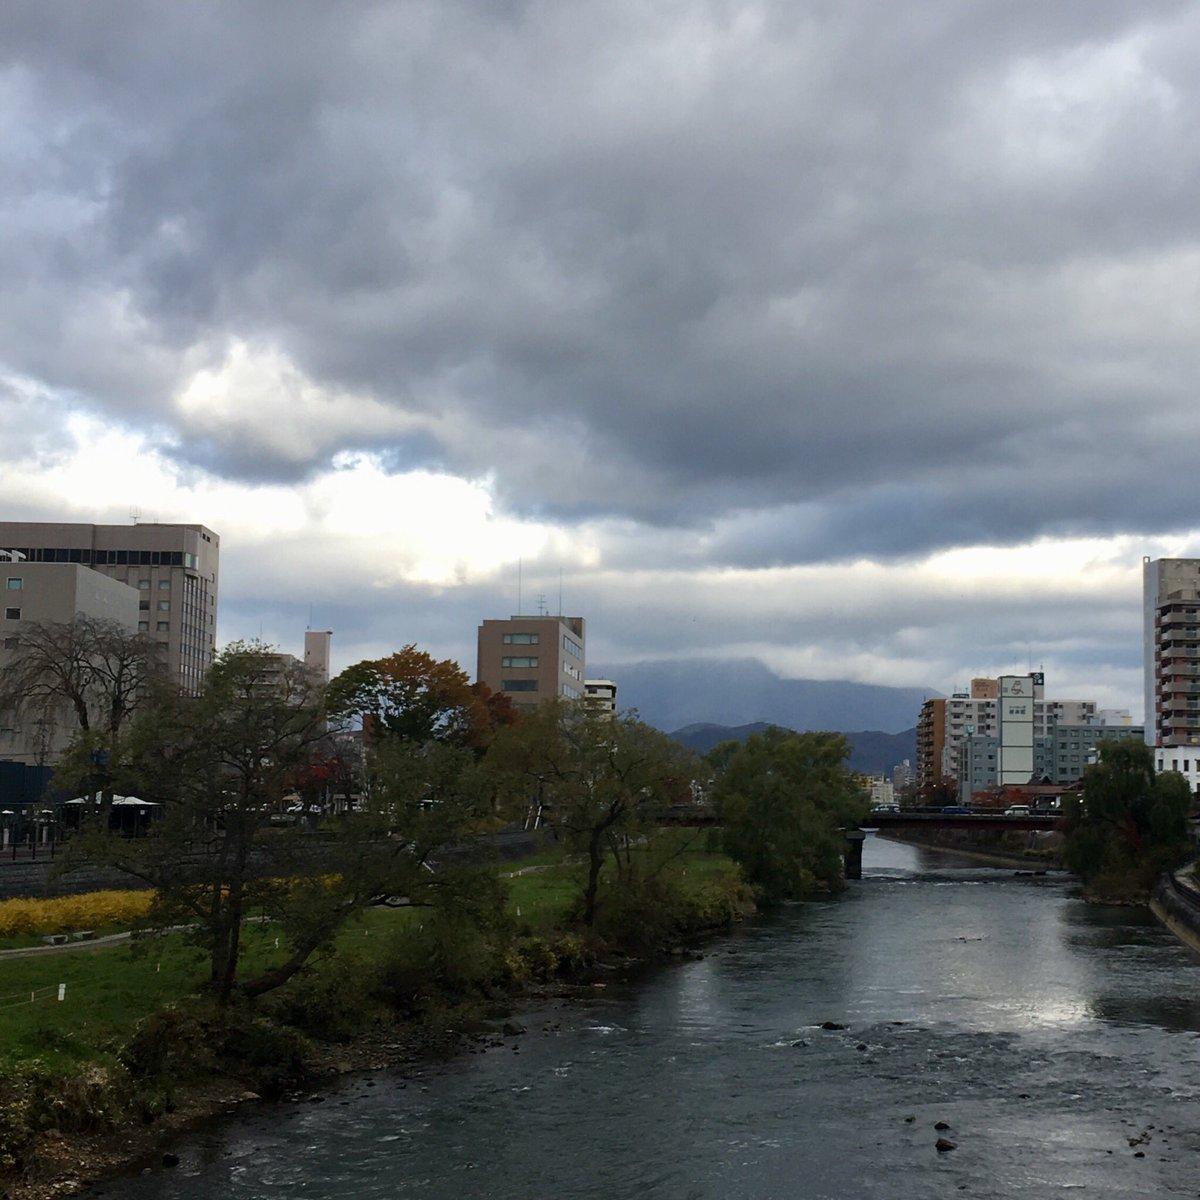 2019/11/08 盛岡市の開運橋から撮影。みなさま、体調管理に気をつけてお過ごしください。 #岩手 #盛岡 #北上川 #岩手においでよ